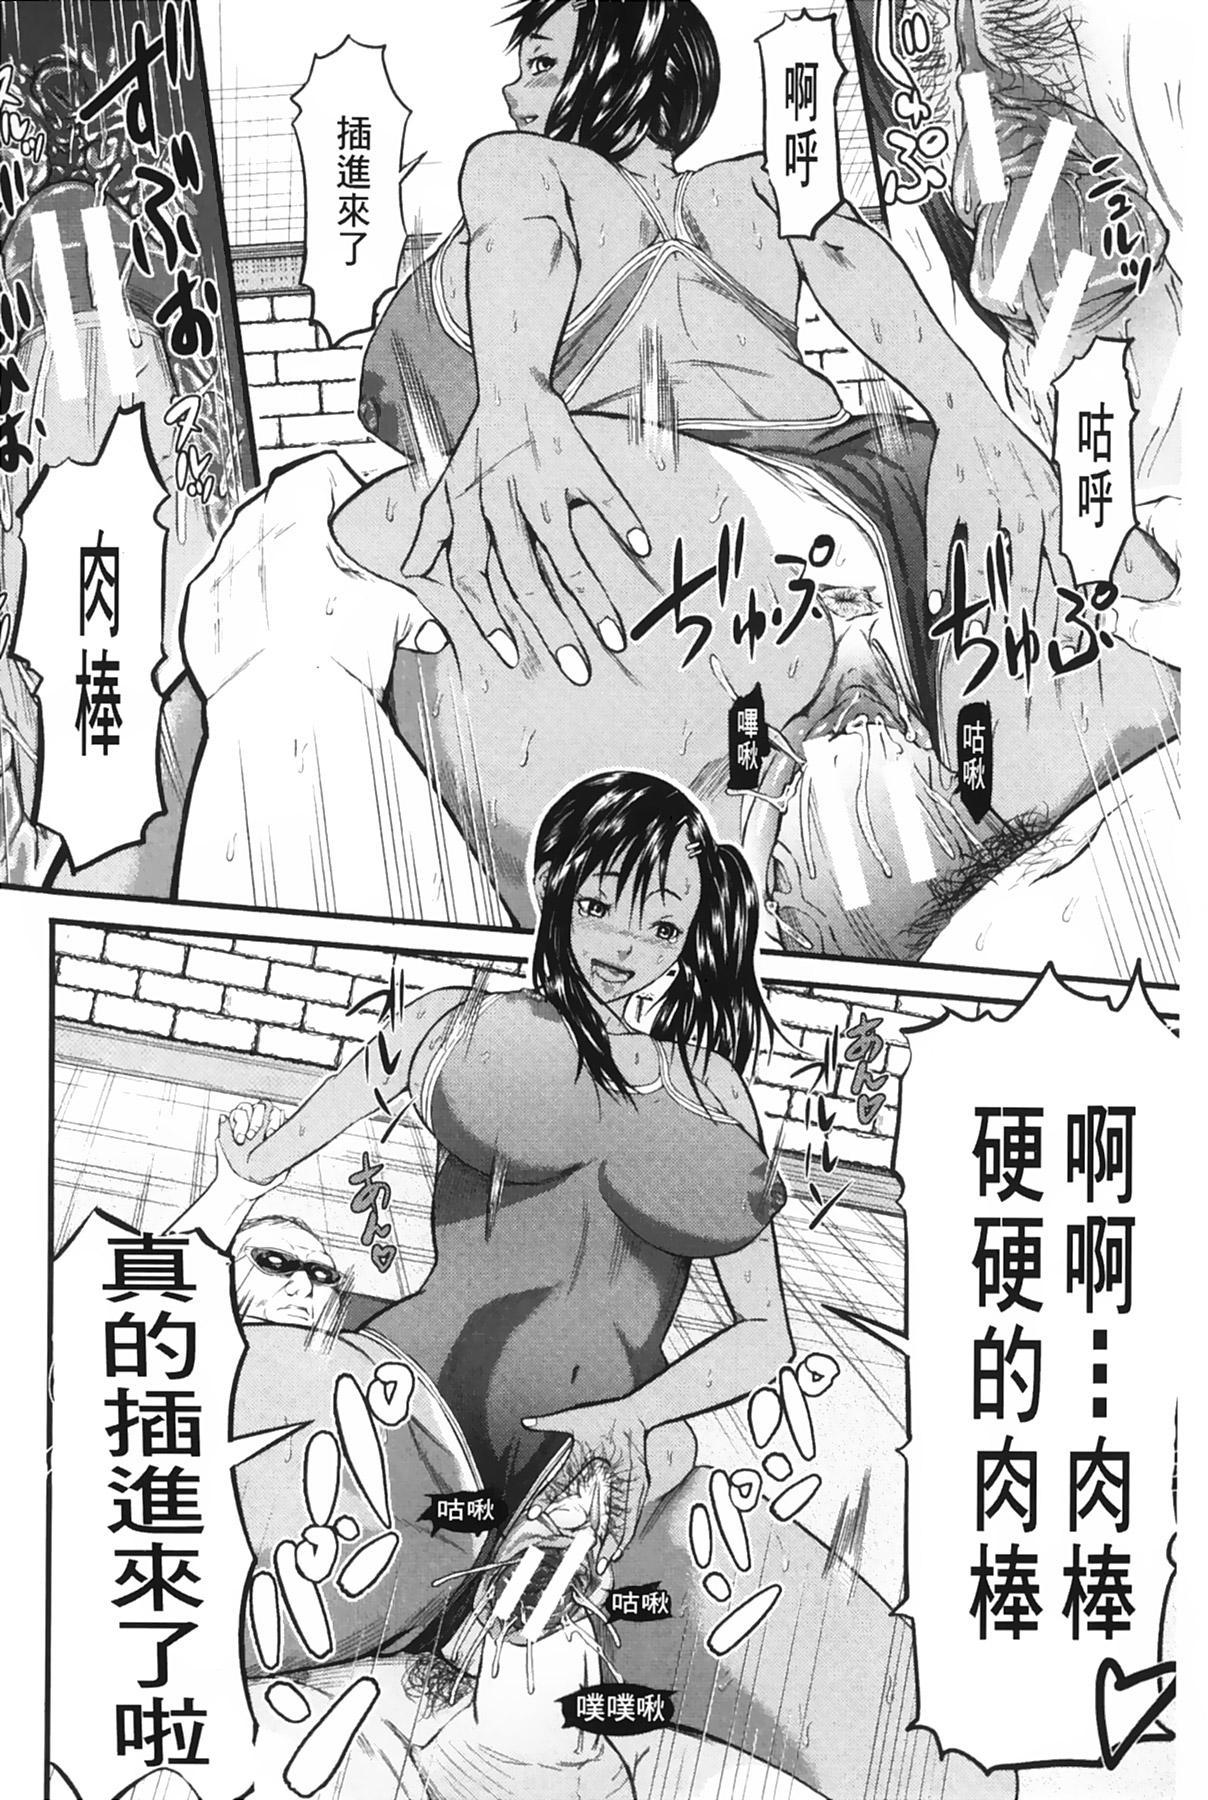 [Honebuto Danshaku] Onna Jigoku Niku no Tsubo~Hentai Rui Inran Ka Mesu Buta Ichidaiki~ | 女地獄、肉之壺 ~変態類淫乱科淫母豬一代記~ [Chinese] 186